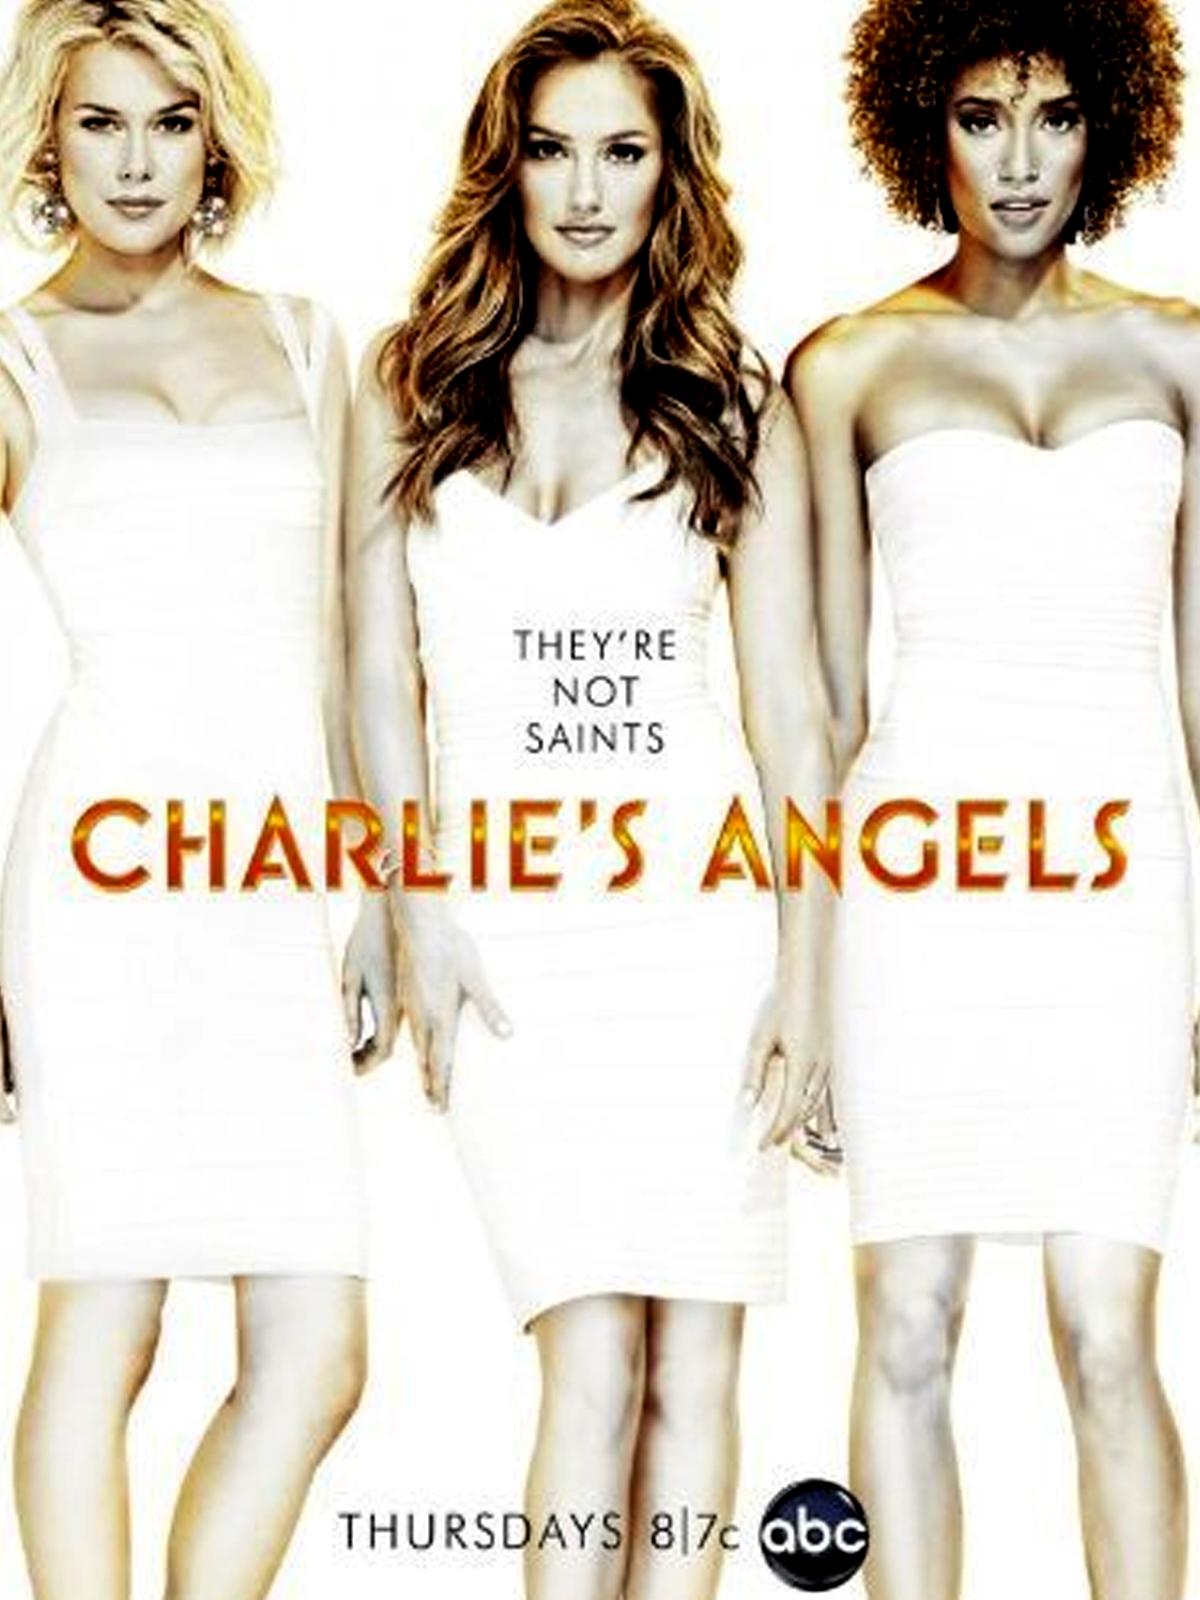 http://2.bp.blogspot.com/-AfNPc_UcTM4/TnkcL4jmxaI/AAAAAAAADM4/vtRngoBOAHc/s1600/Charlies_Angel_HD_Poster_Vvallpaper_NET.jpg